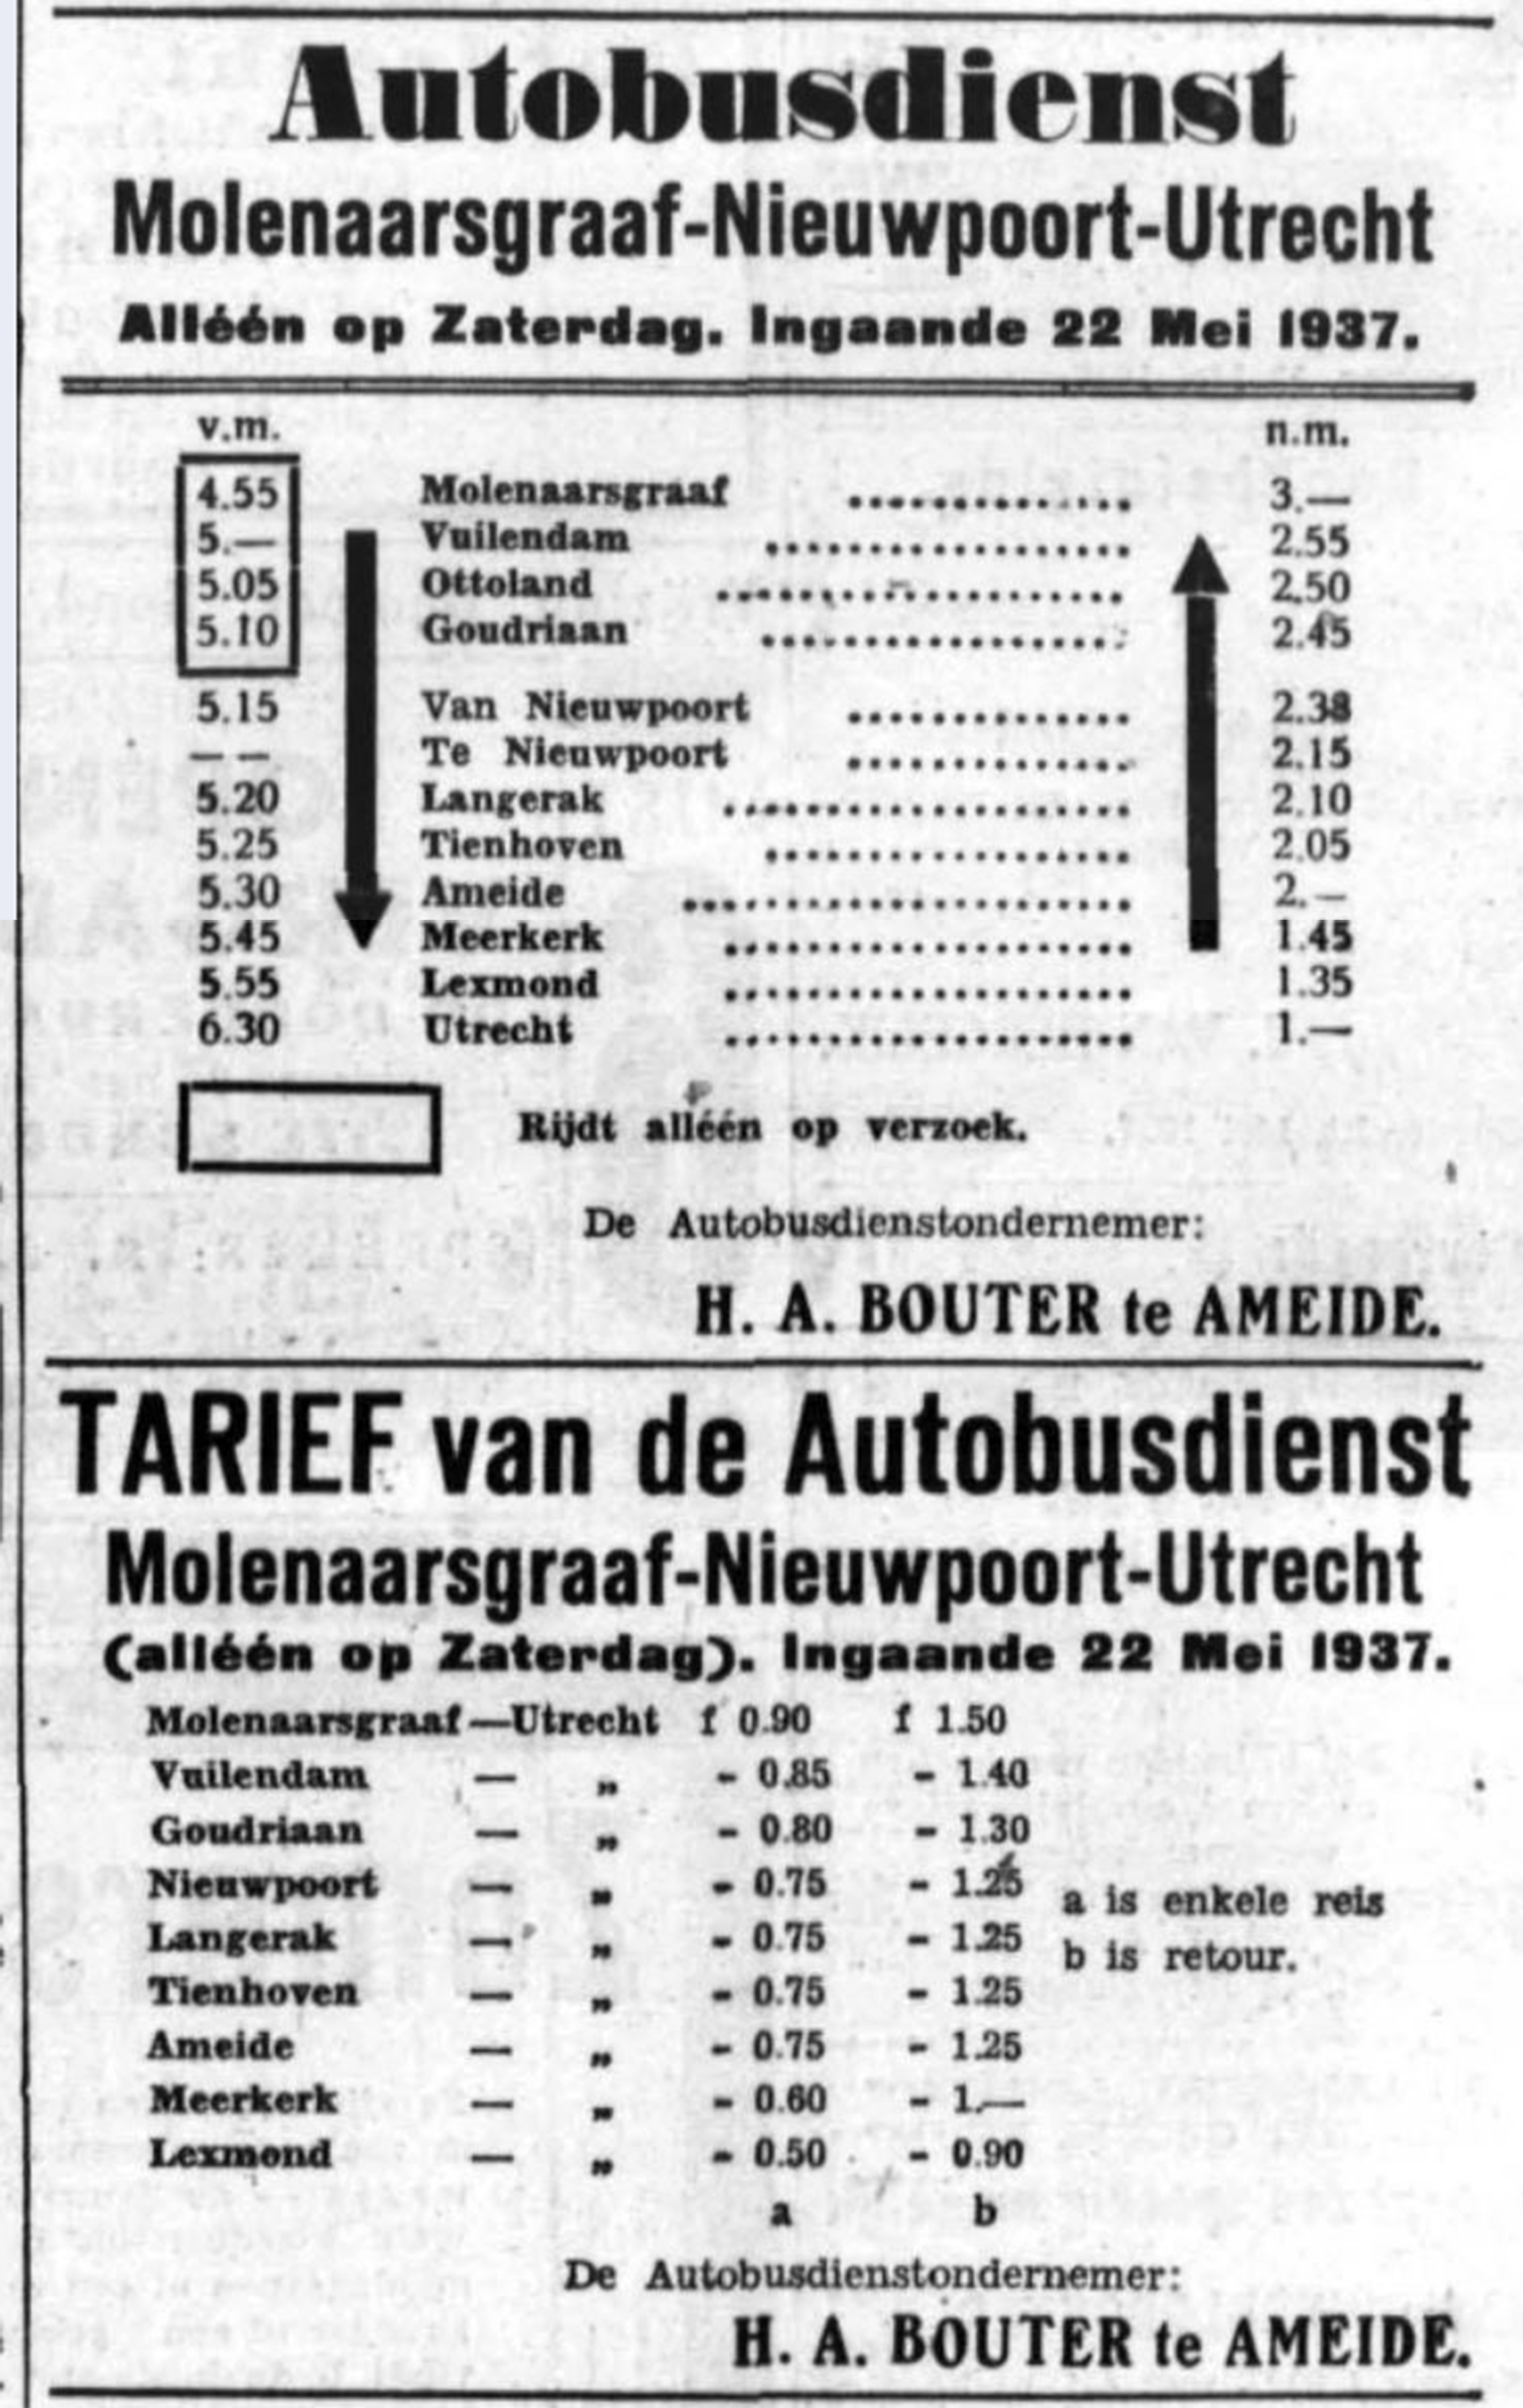 schoonhovensche-courant-06809-1937-05-14-artikel-08